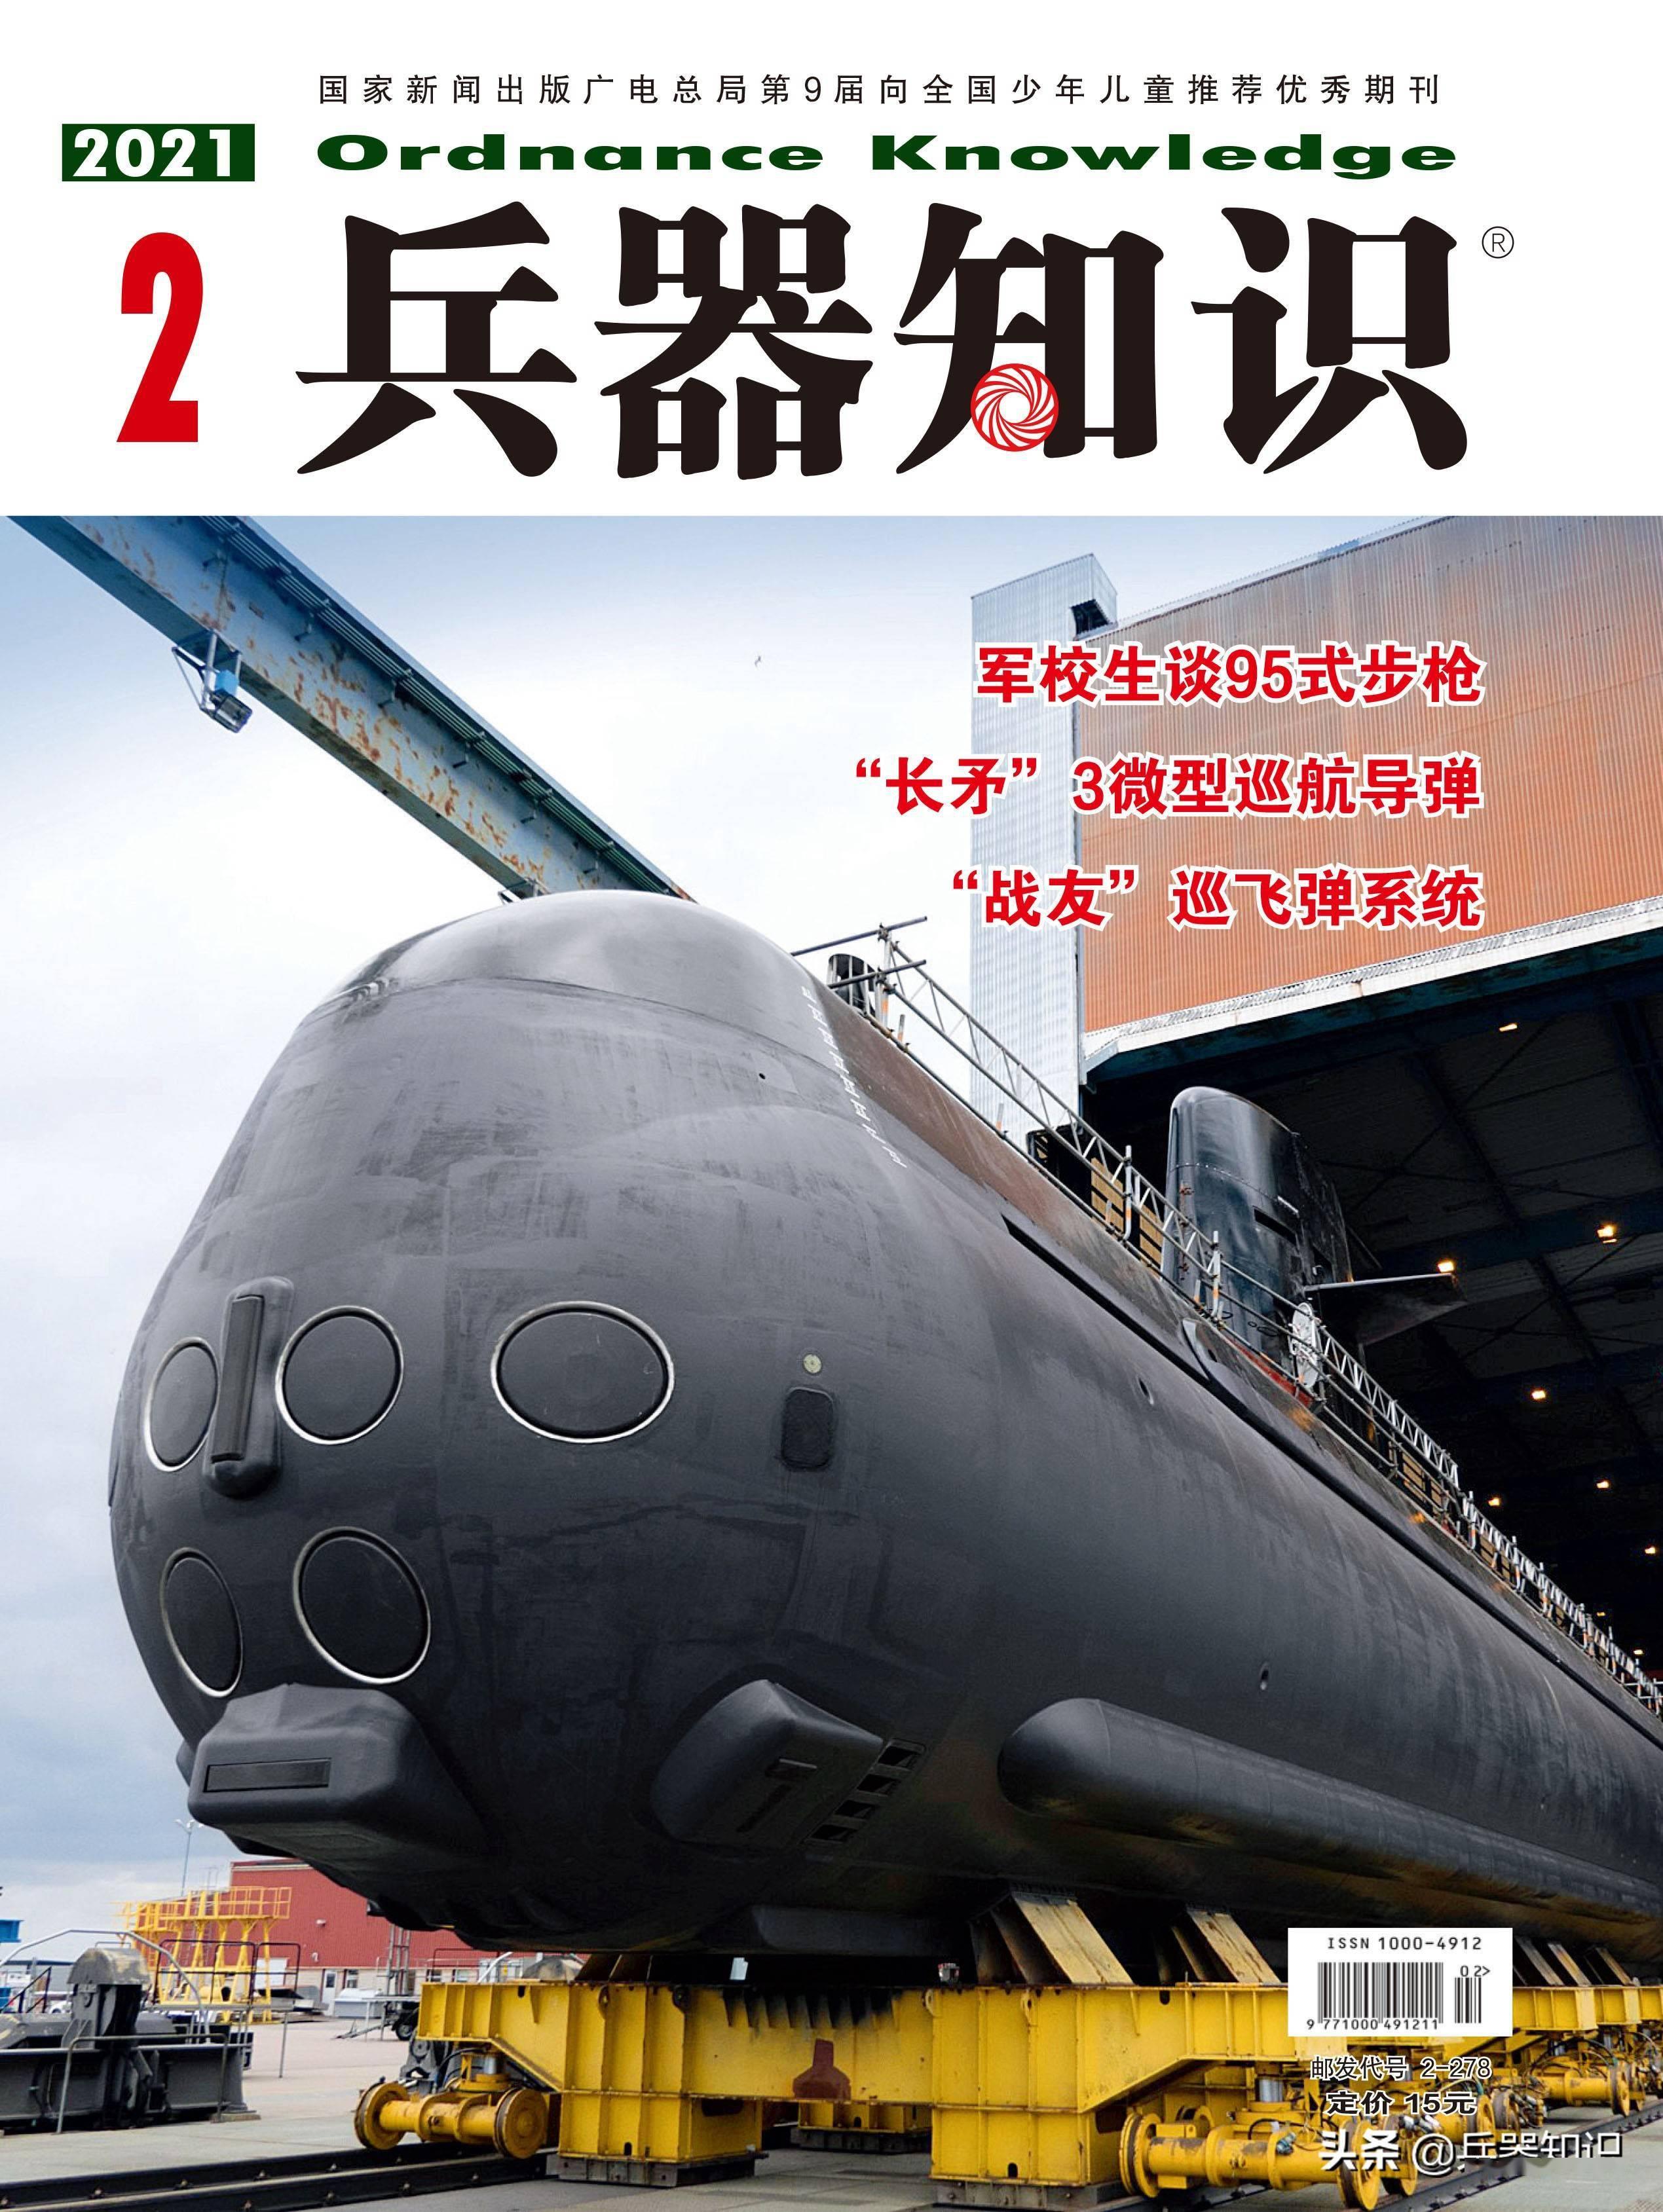 俄第五代攻击型核潜艇 用弹道导弹打潜艇